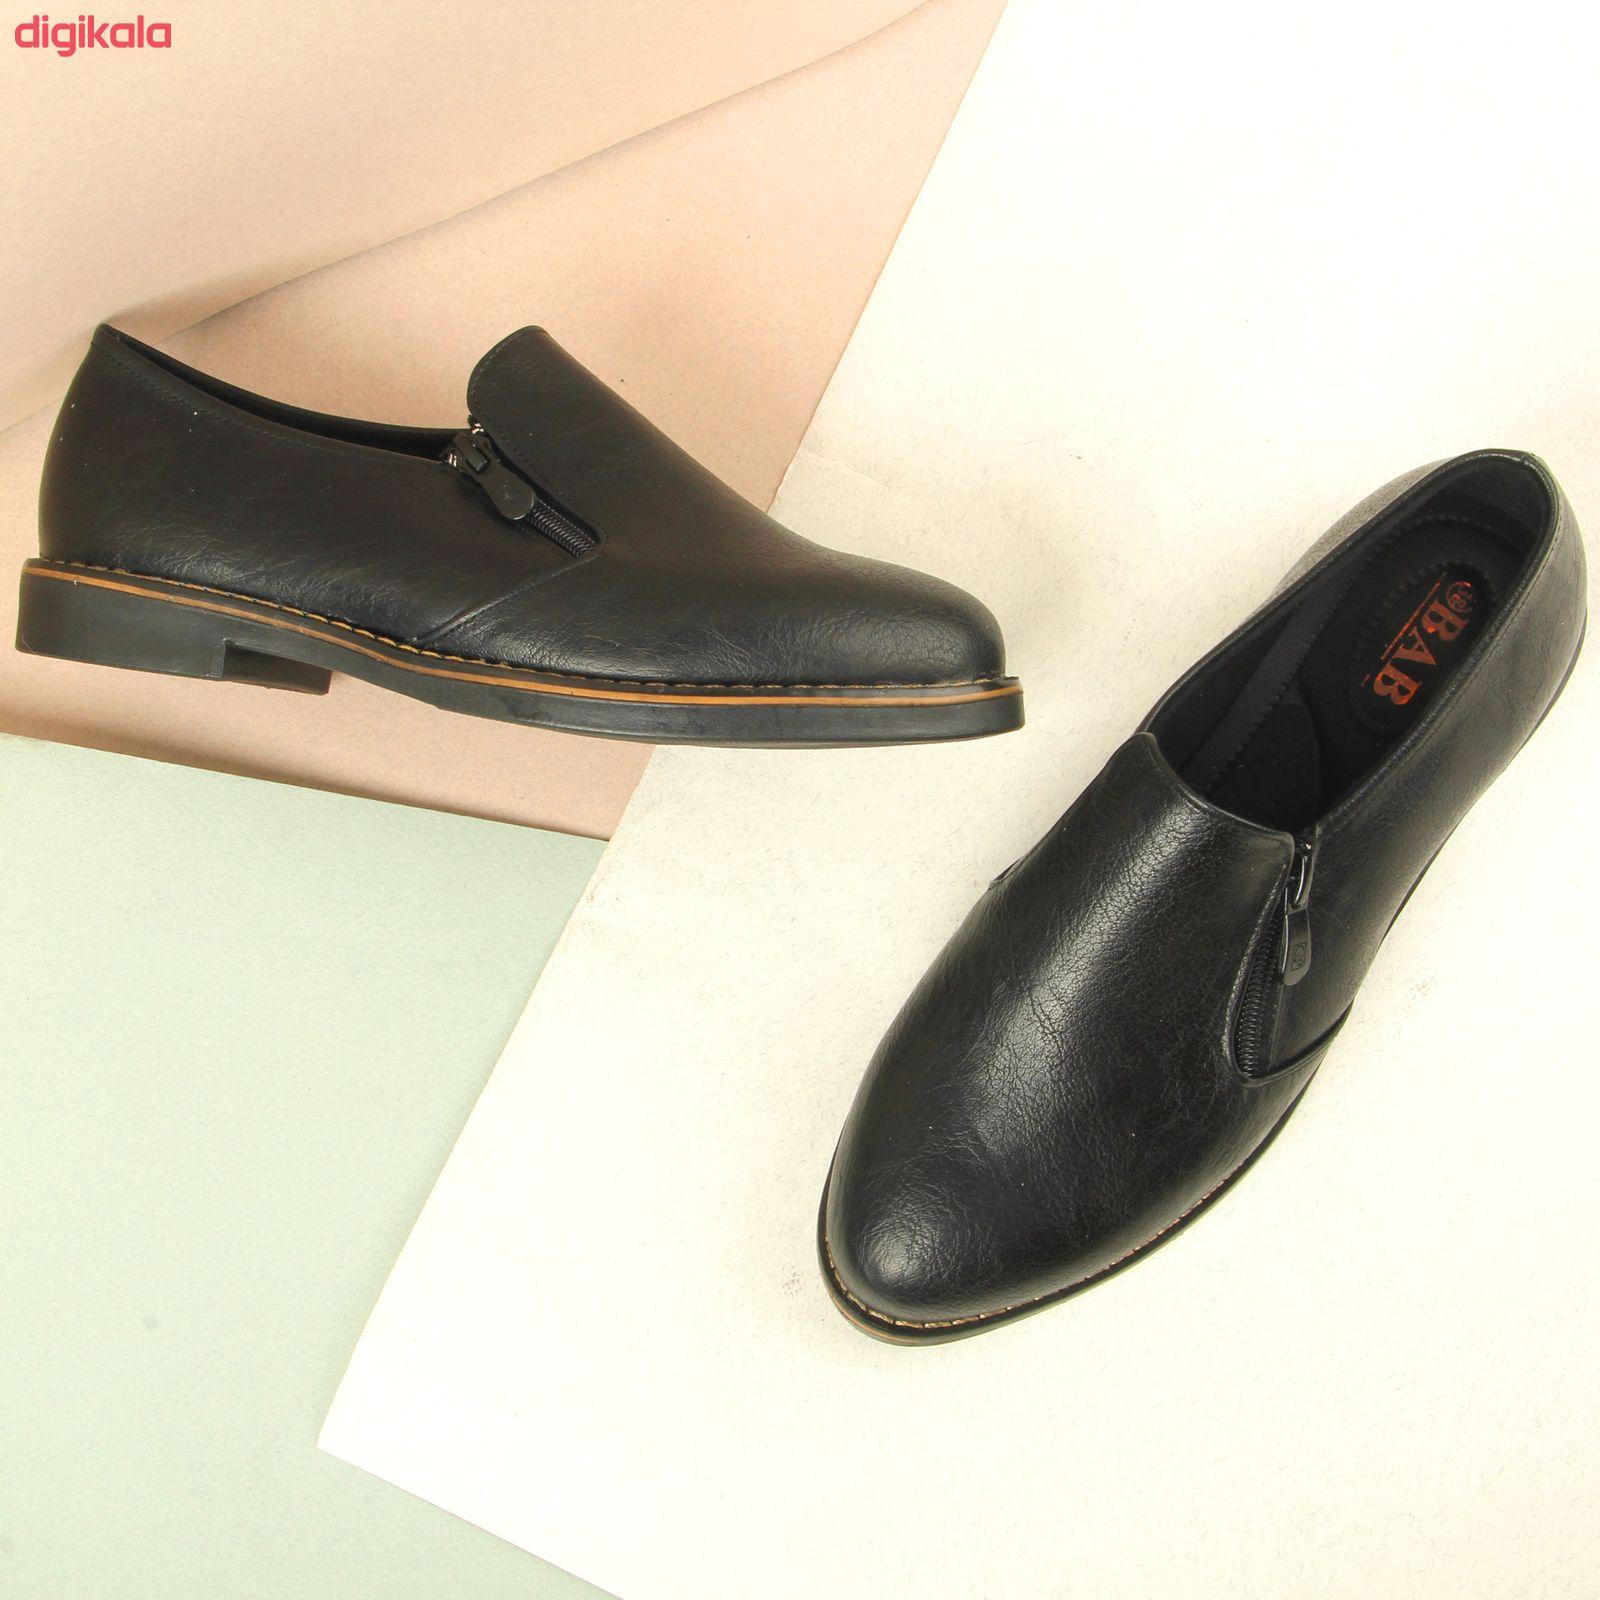 ست کیف و کفش زنانه BAB مدل ترنم کد 910-5 main 1 6